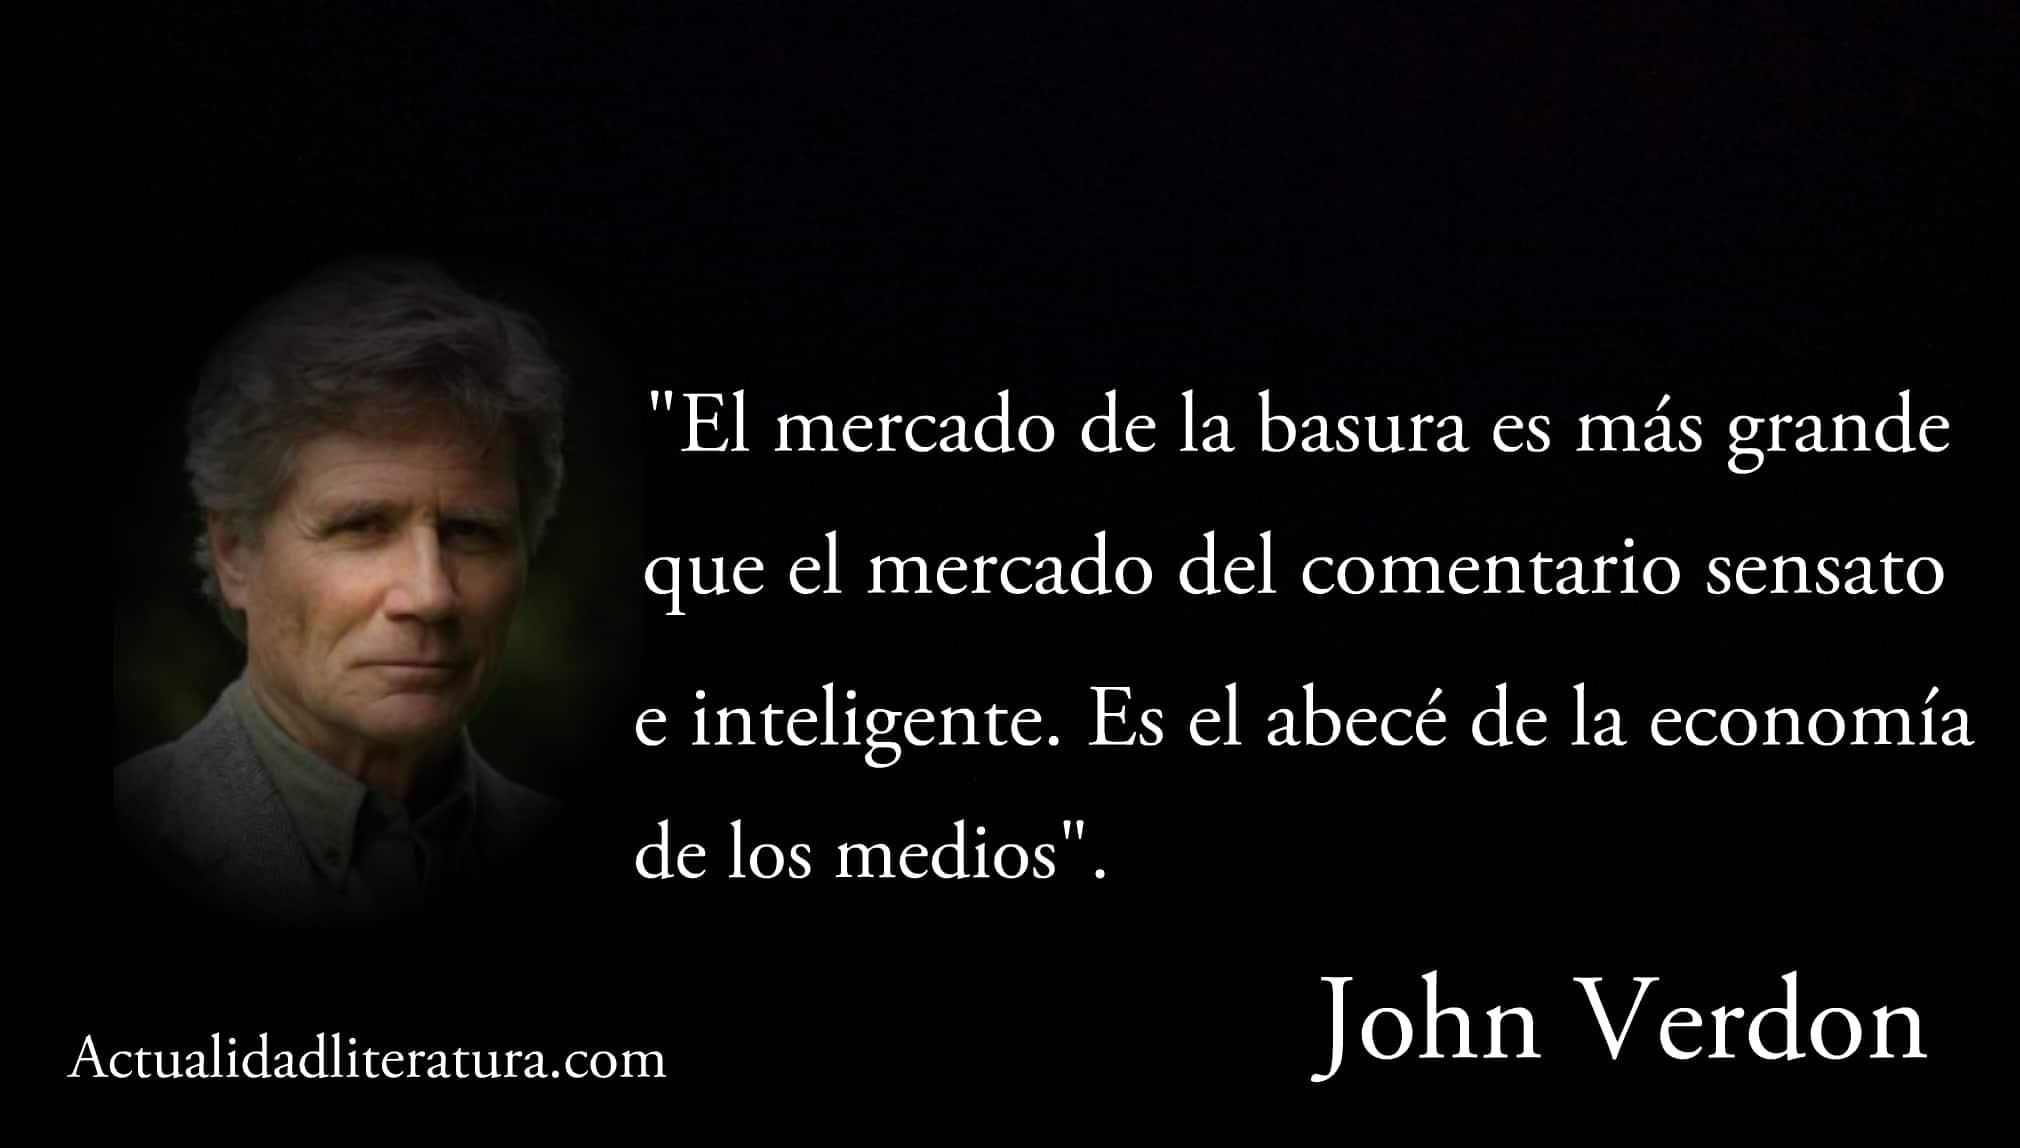 Frase de John Verdon.